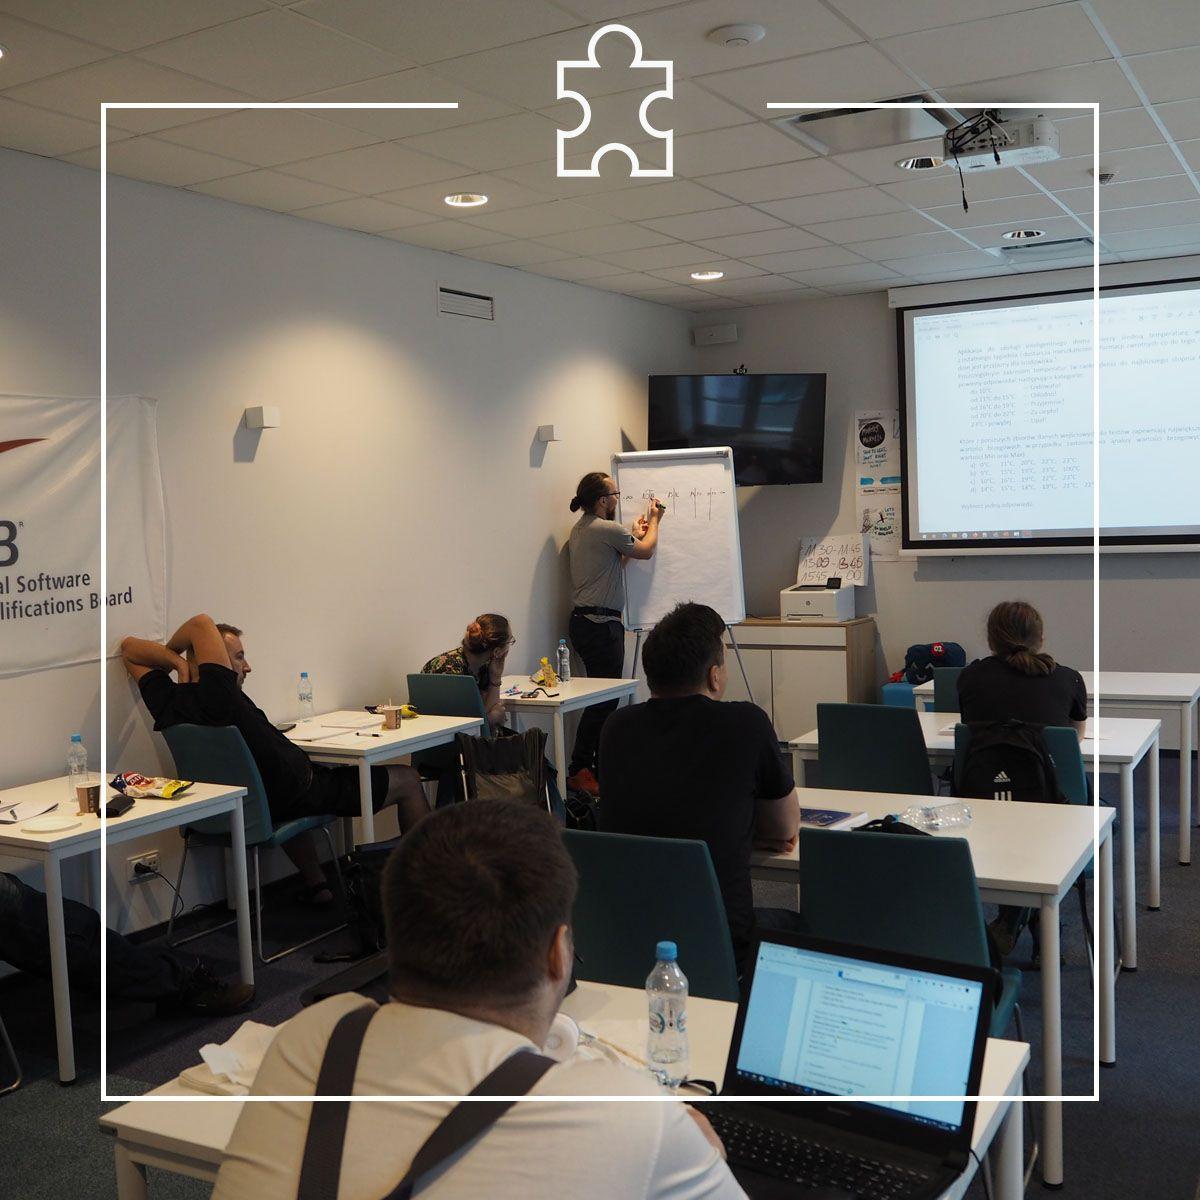 Szkolenia IT – edycja asperIT we Wrocławiu